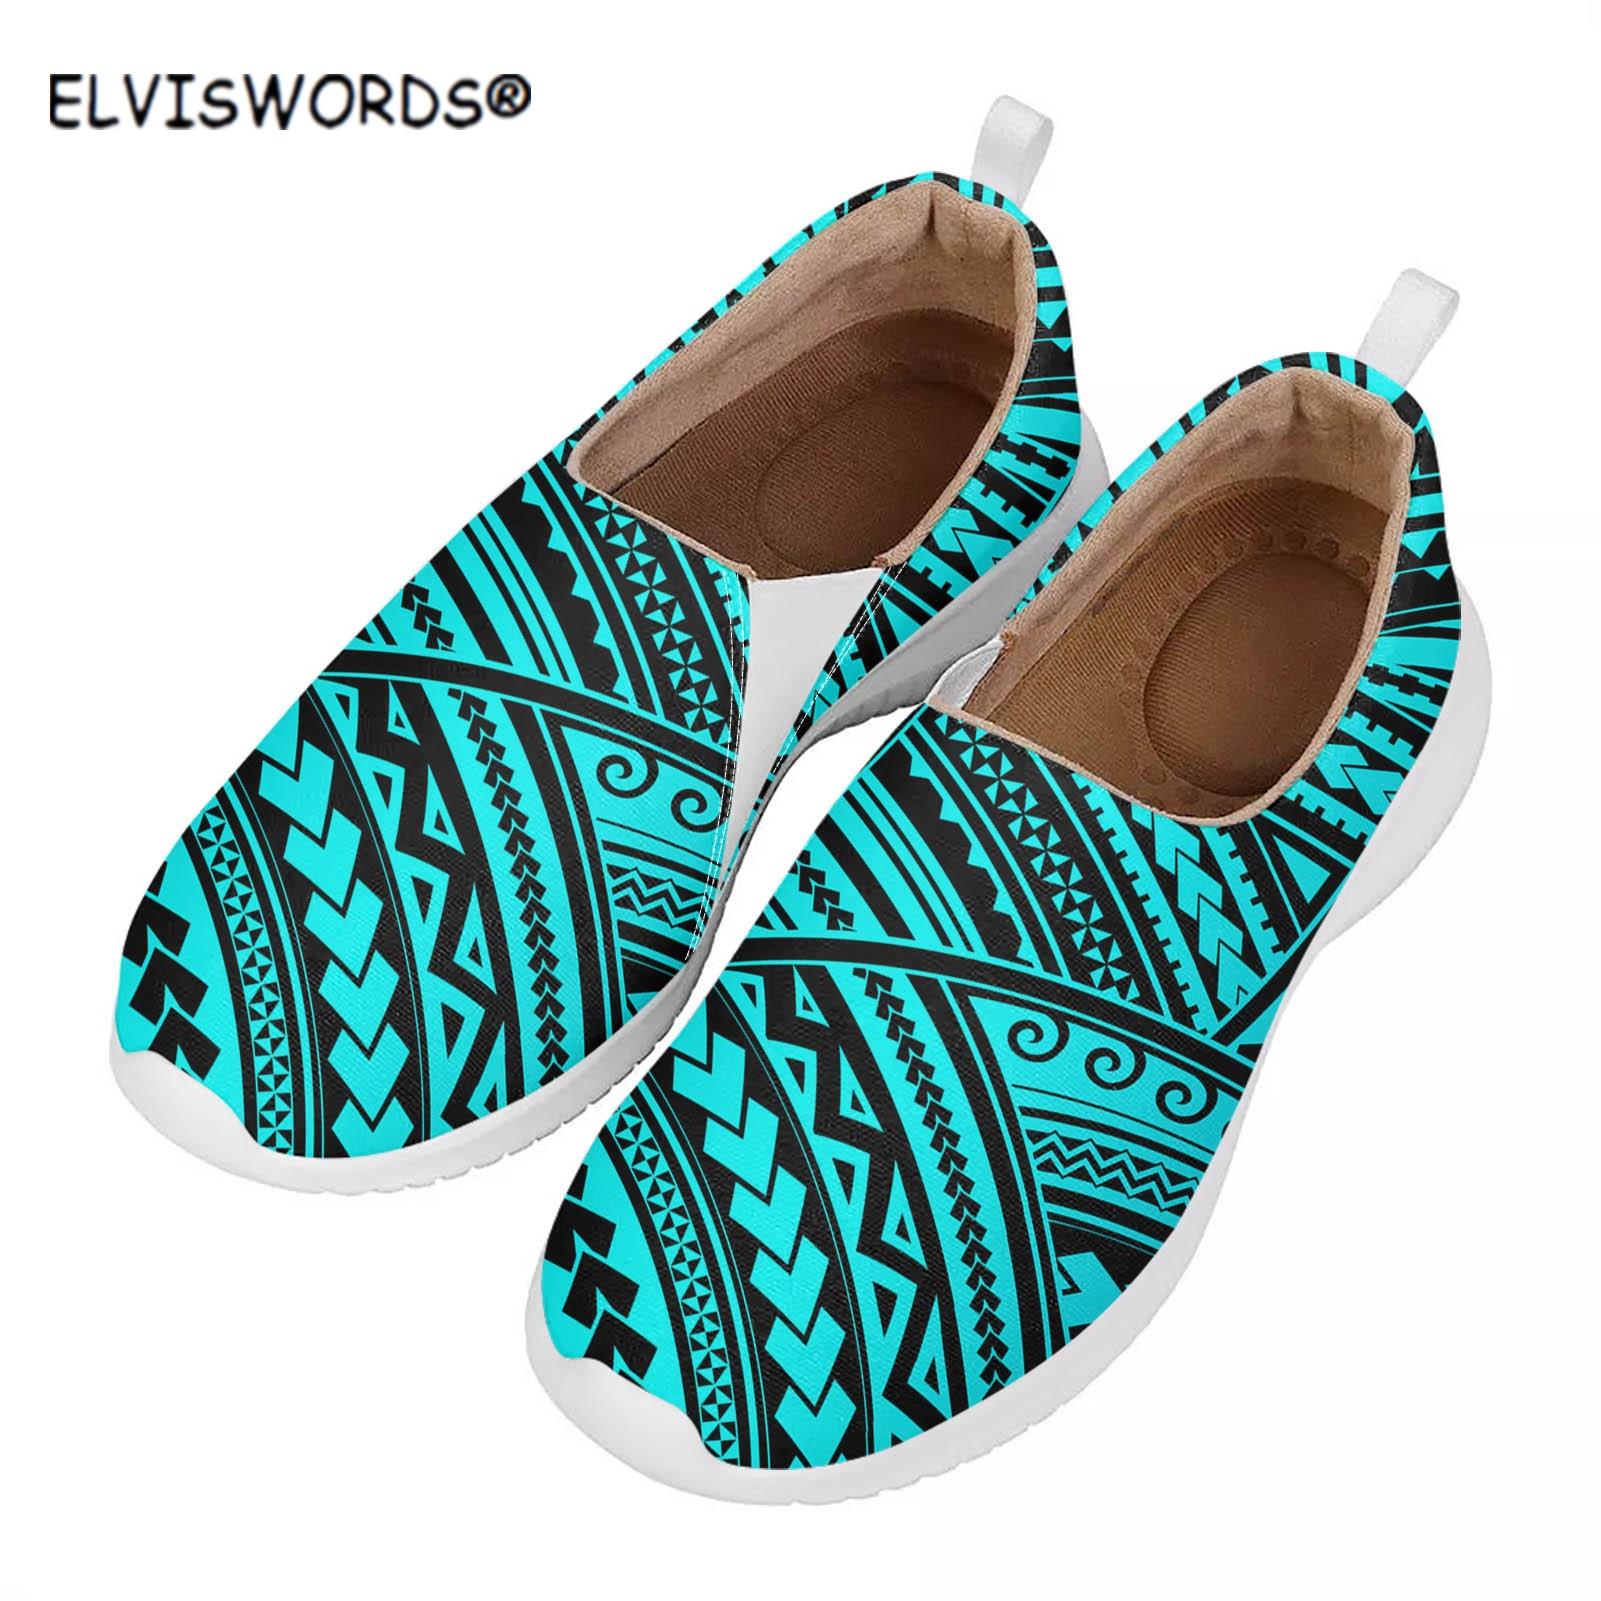 ELVISWORDS-Zapatillas planas transpirables de diseño Tribal para mujer, mocasines informales de malla...